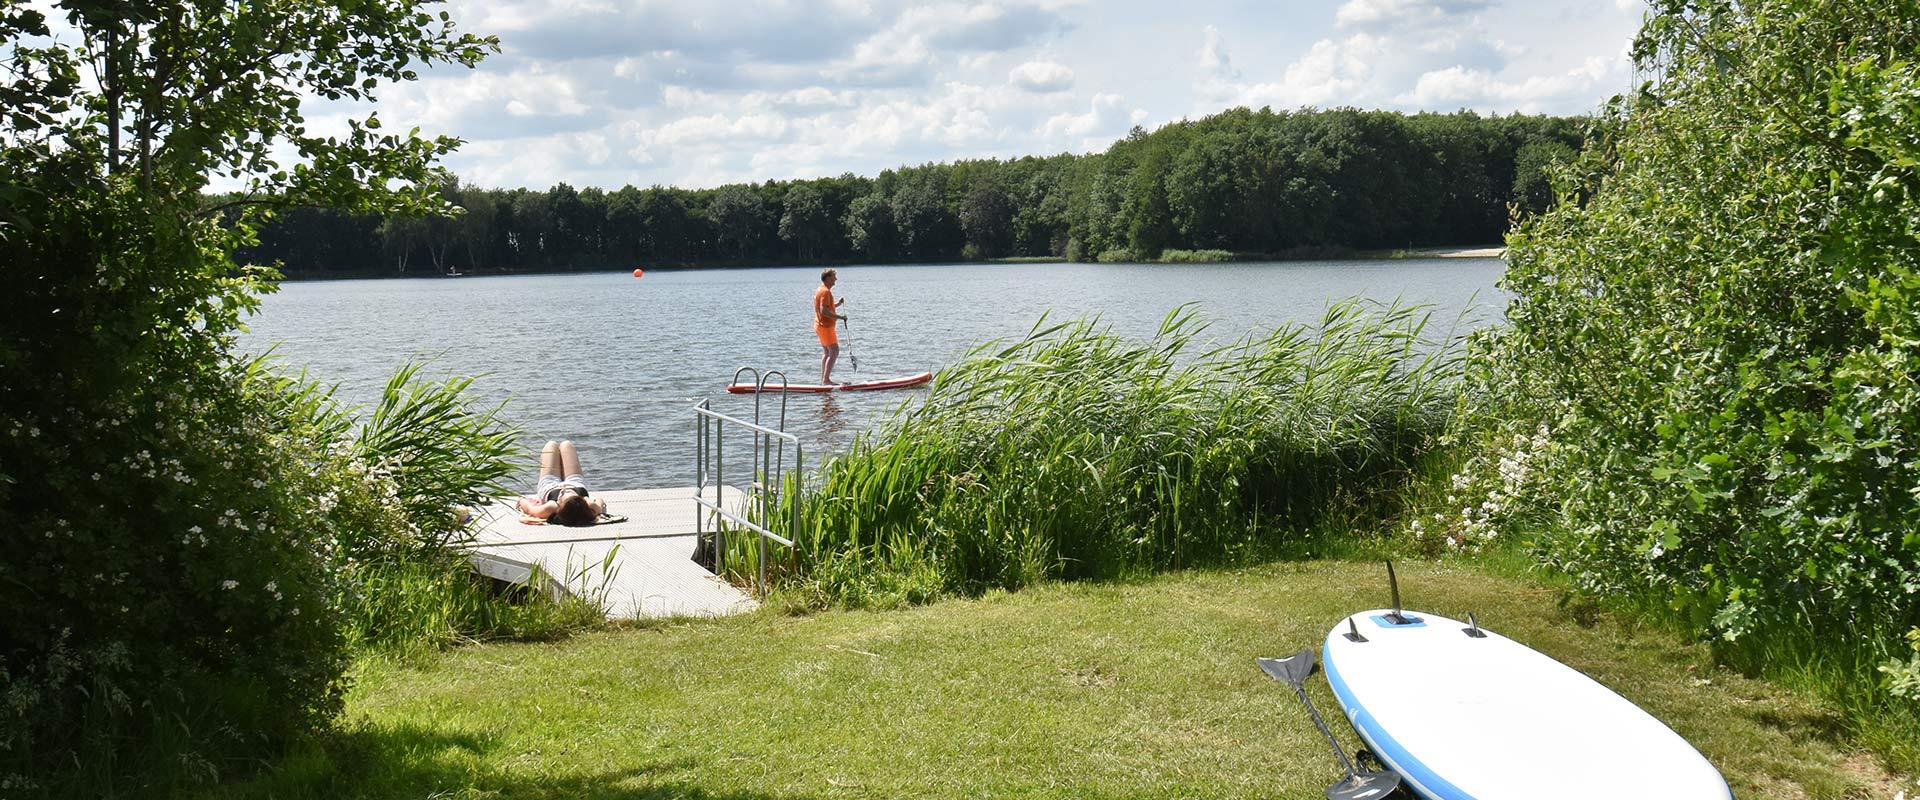 Freizeitpark Emsdeich Ostfriesland